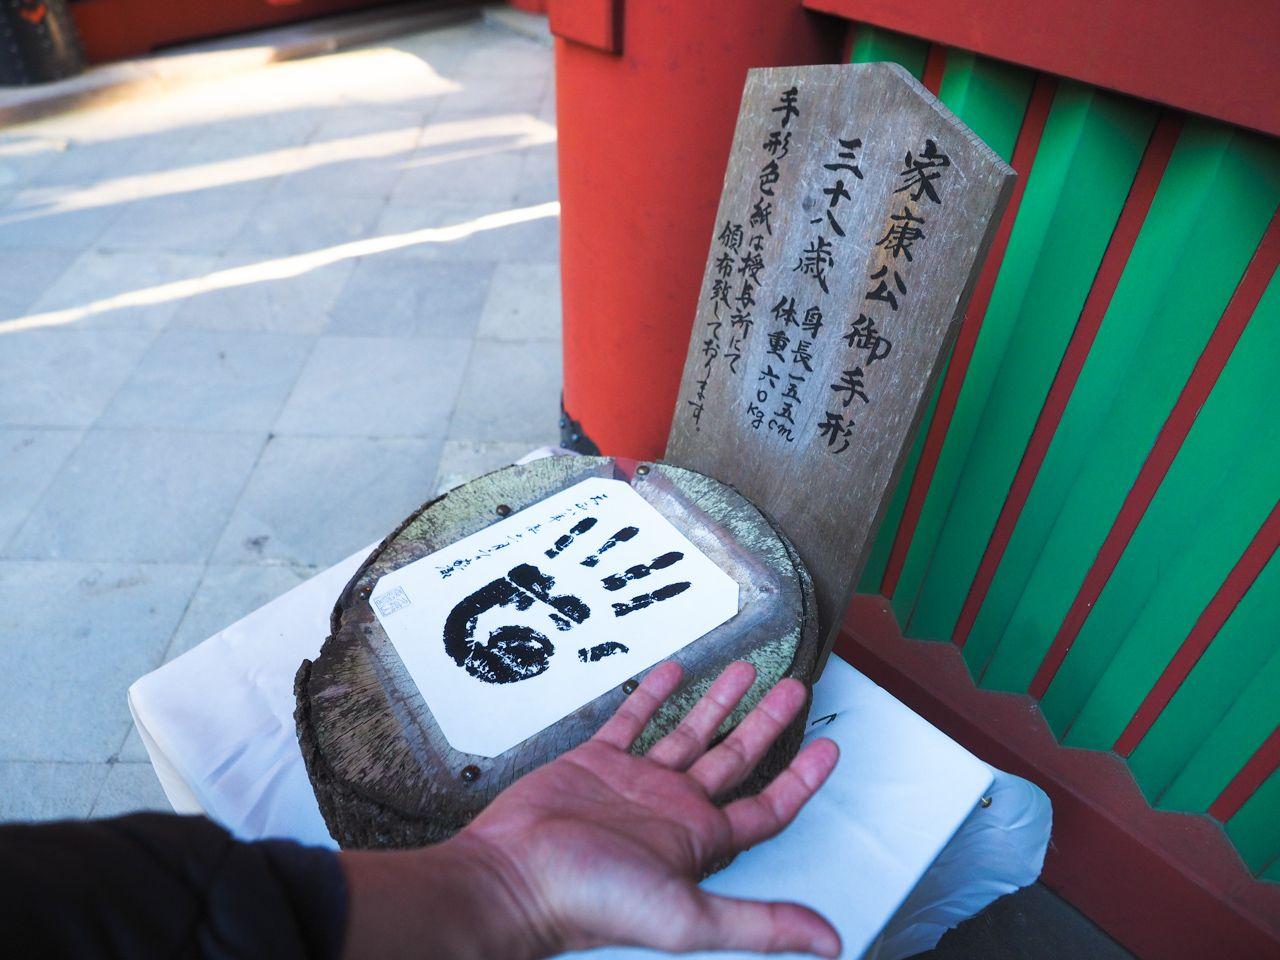 徳川家康公の隠れた第一のメッセージとは?